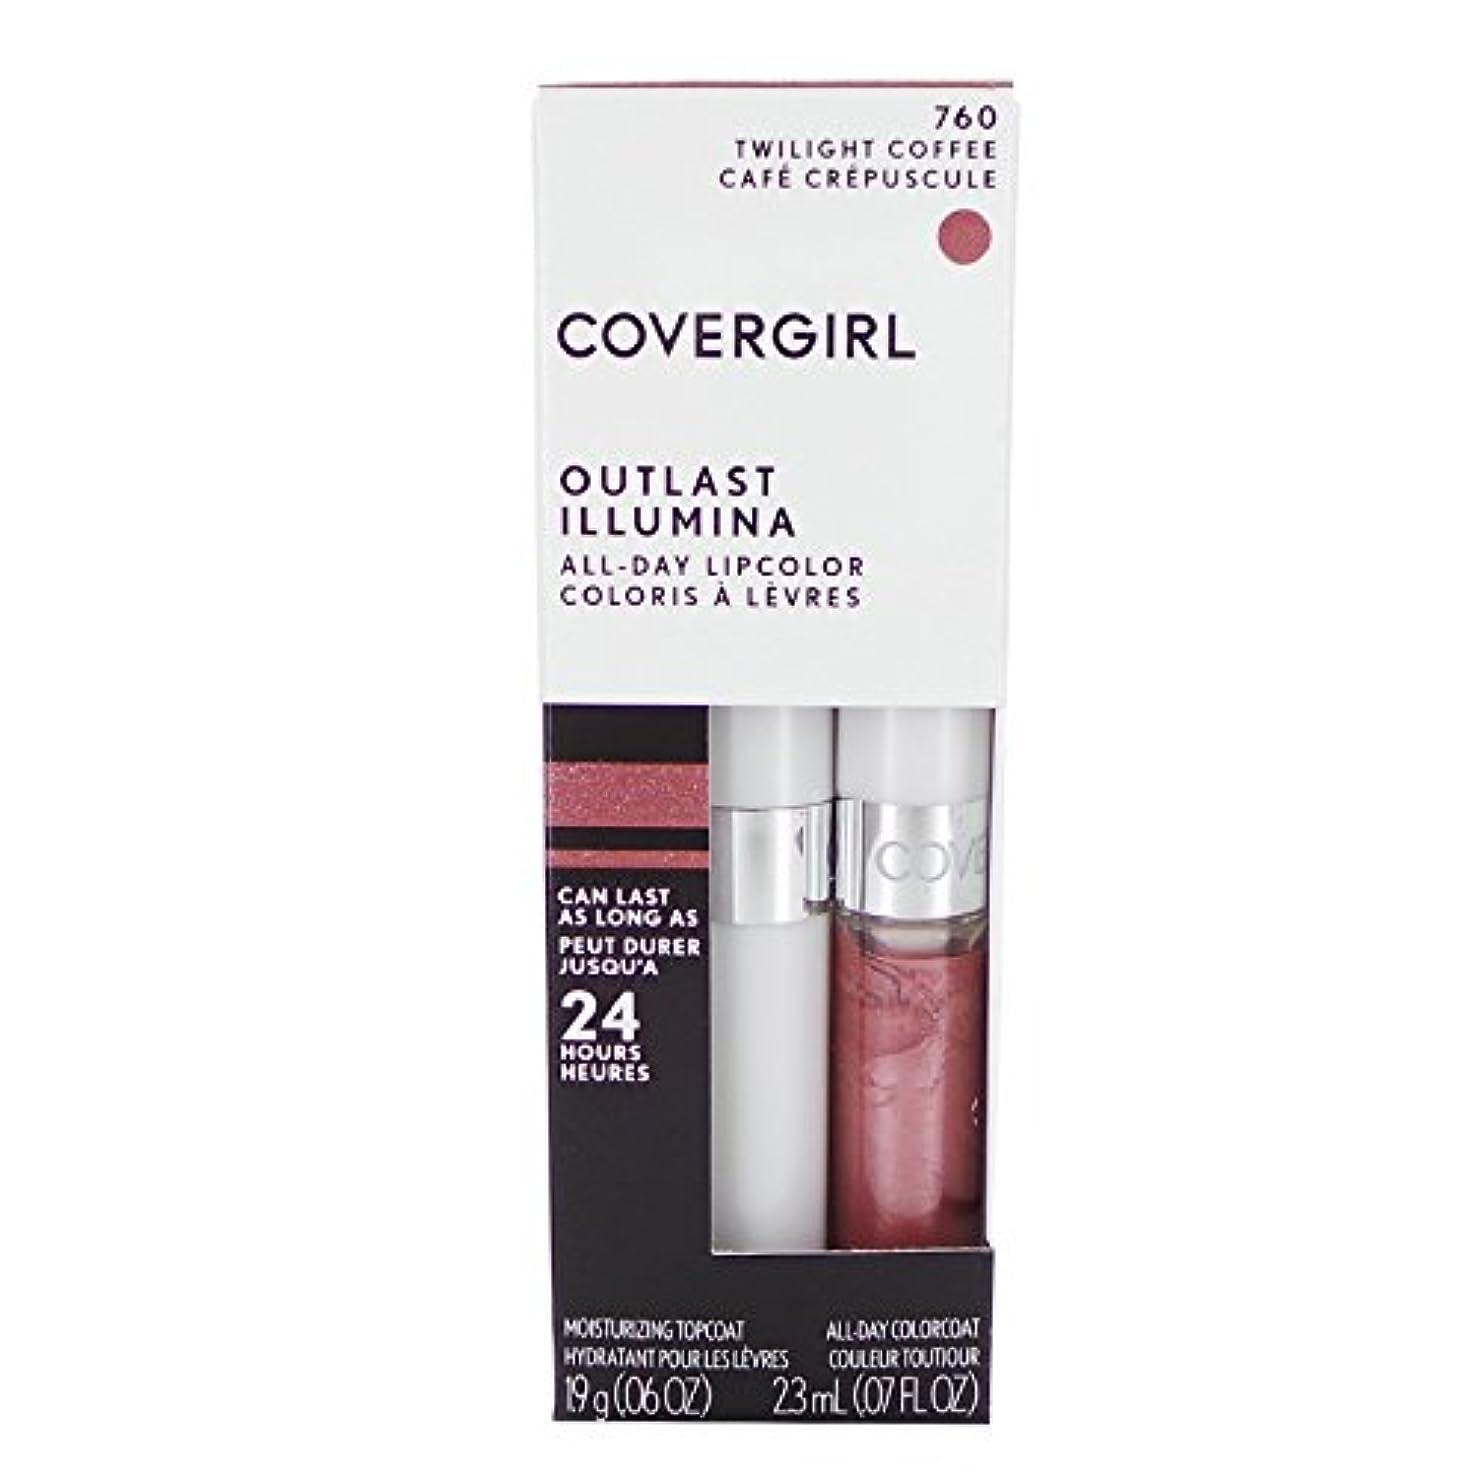 競争窓のスコア(3 Pack) COVERGIRL Outlast All-Day Lip Color - Twilight Coffee 760 (並行輸入品)